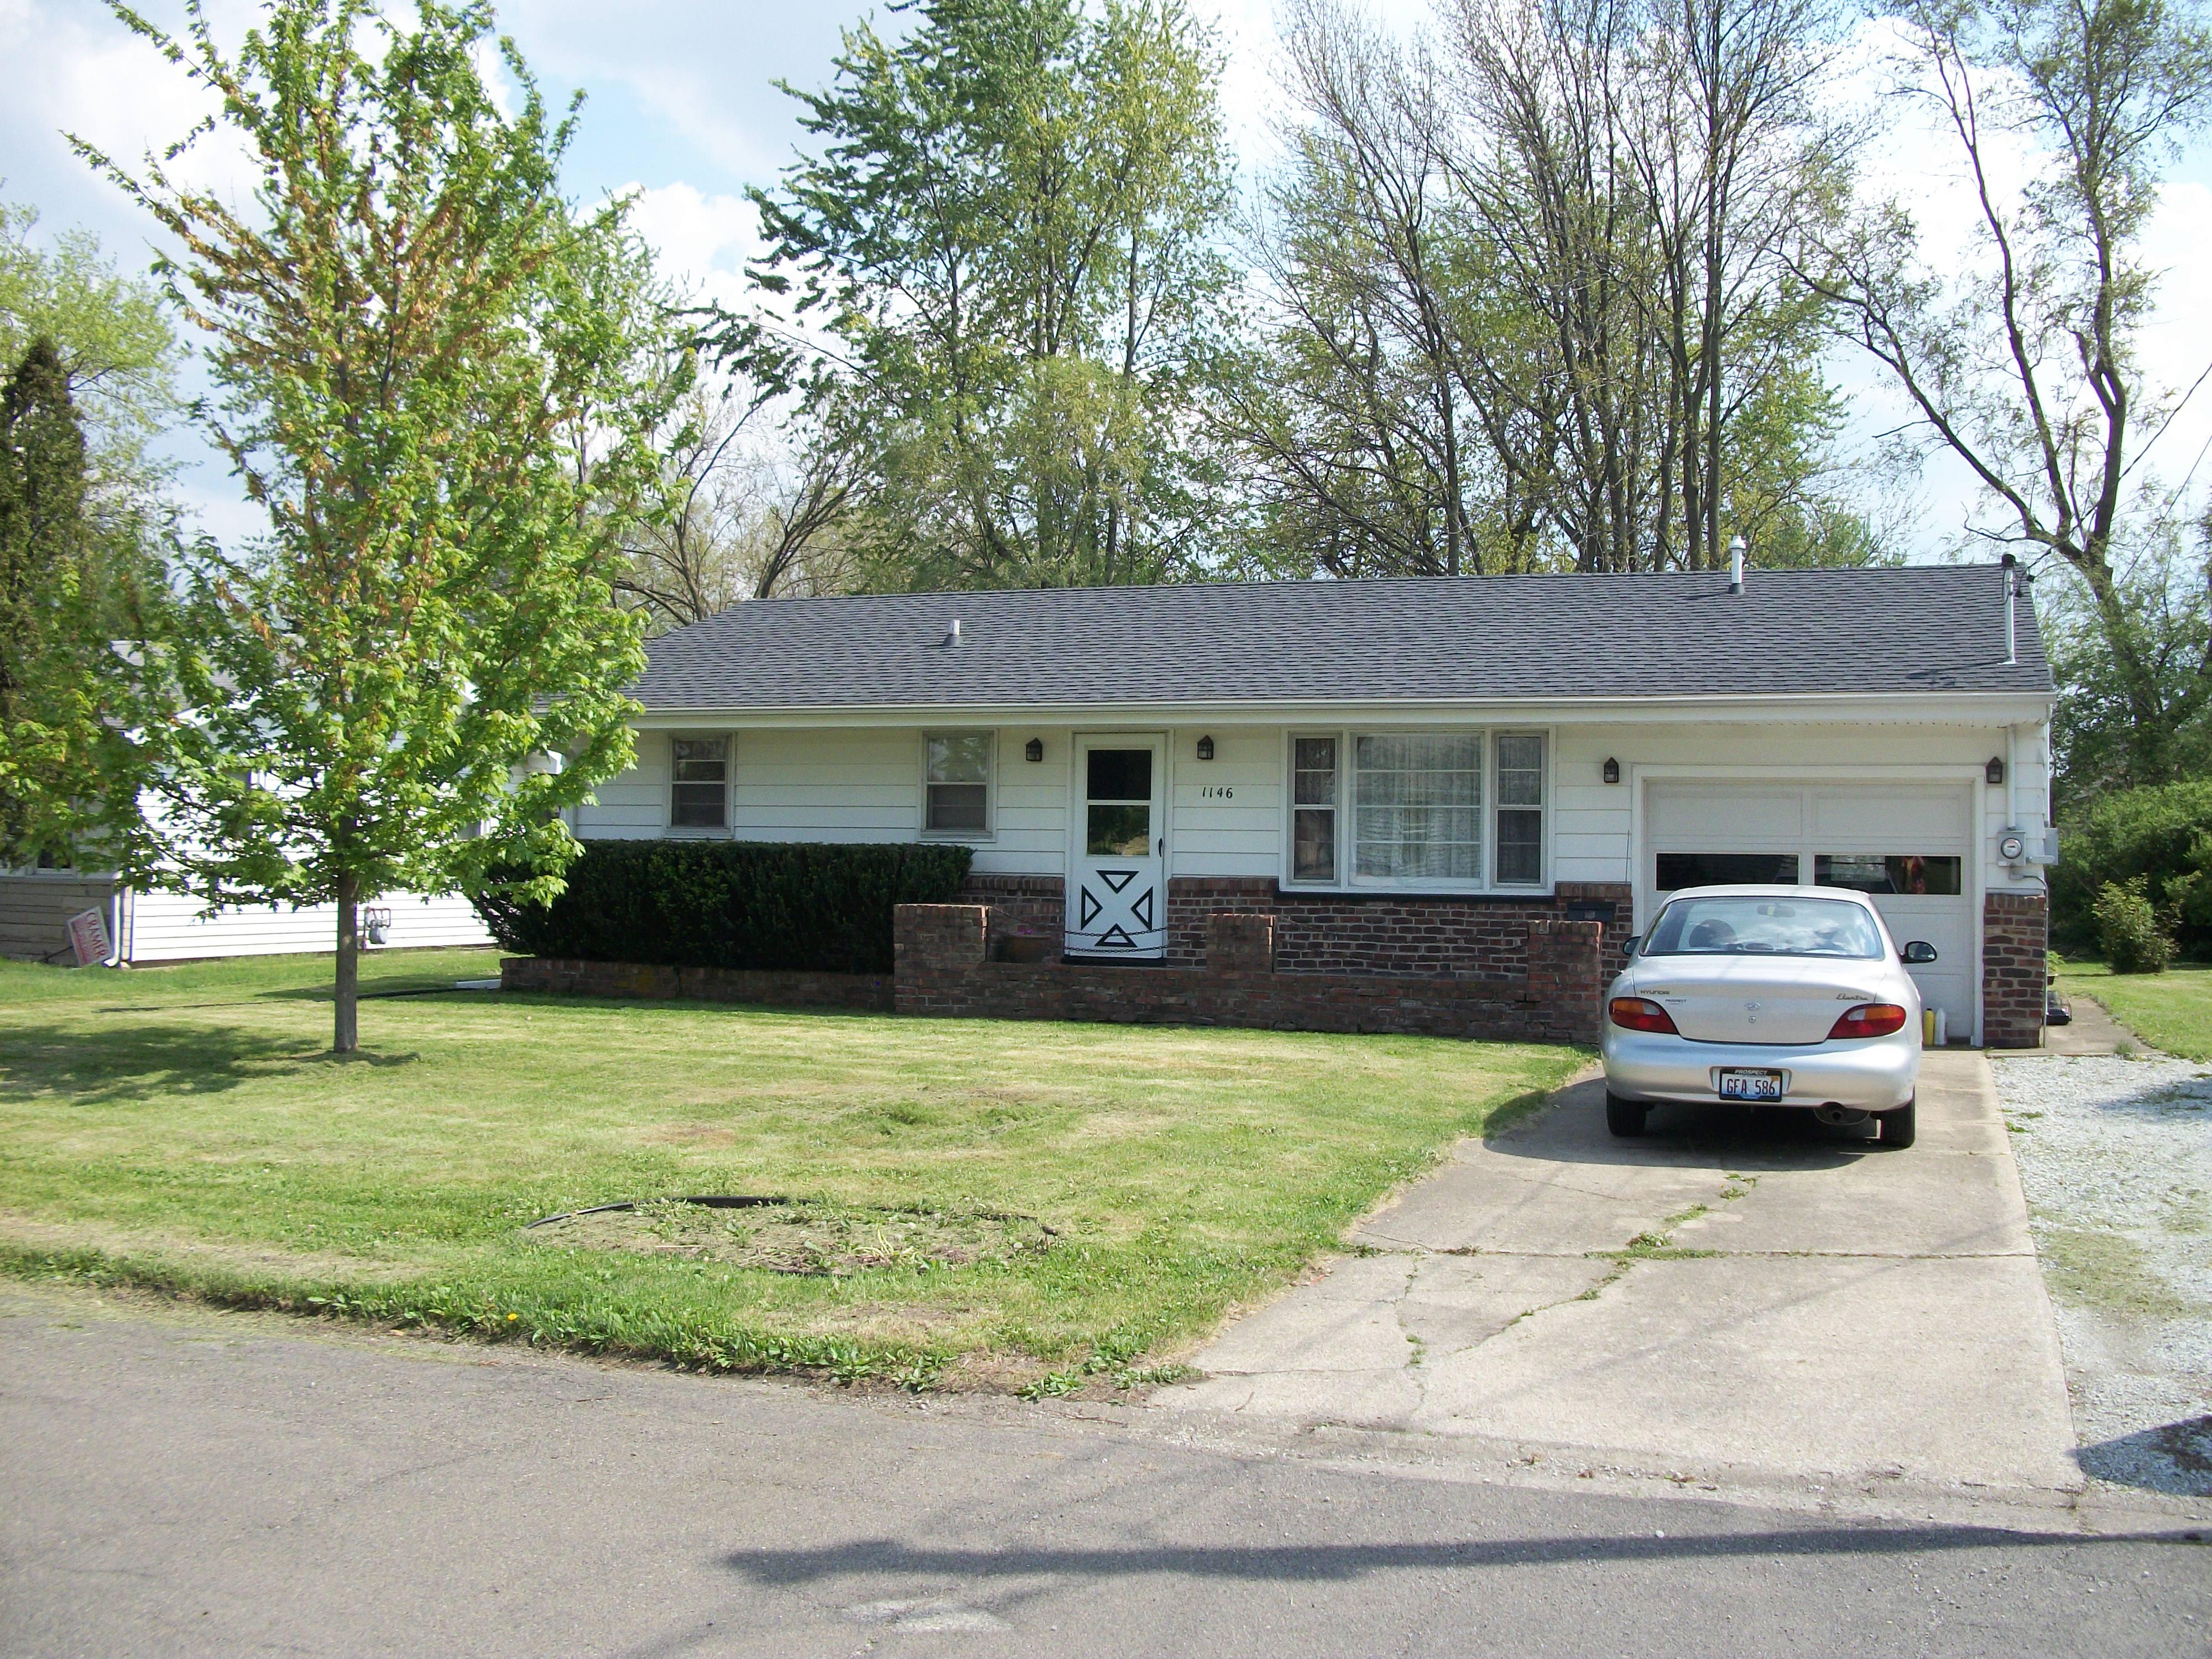 1146 Roselawn, Paxton, Illinois 60957